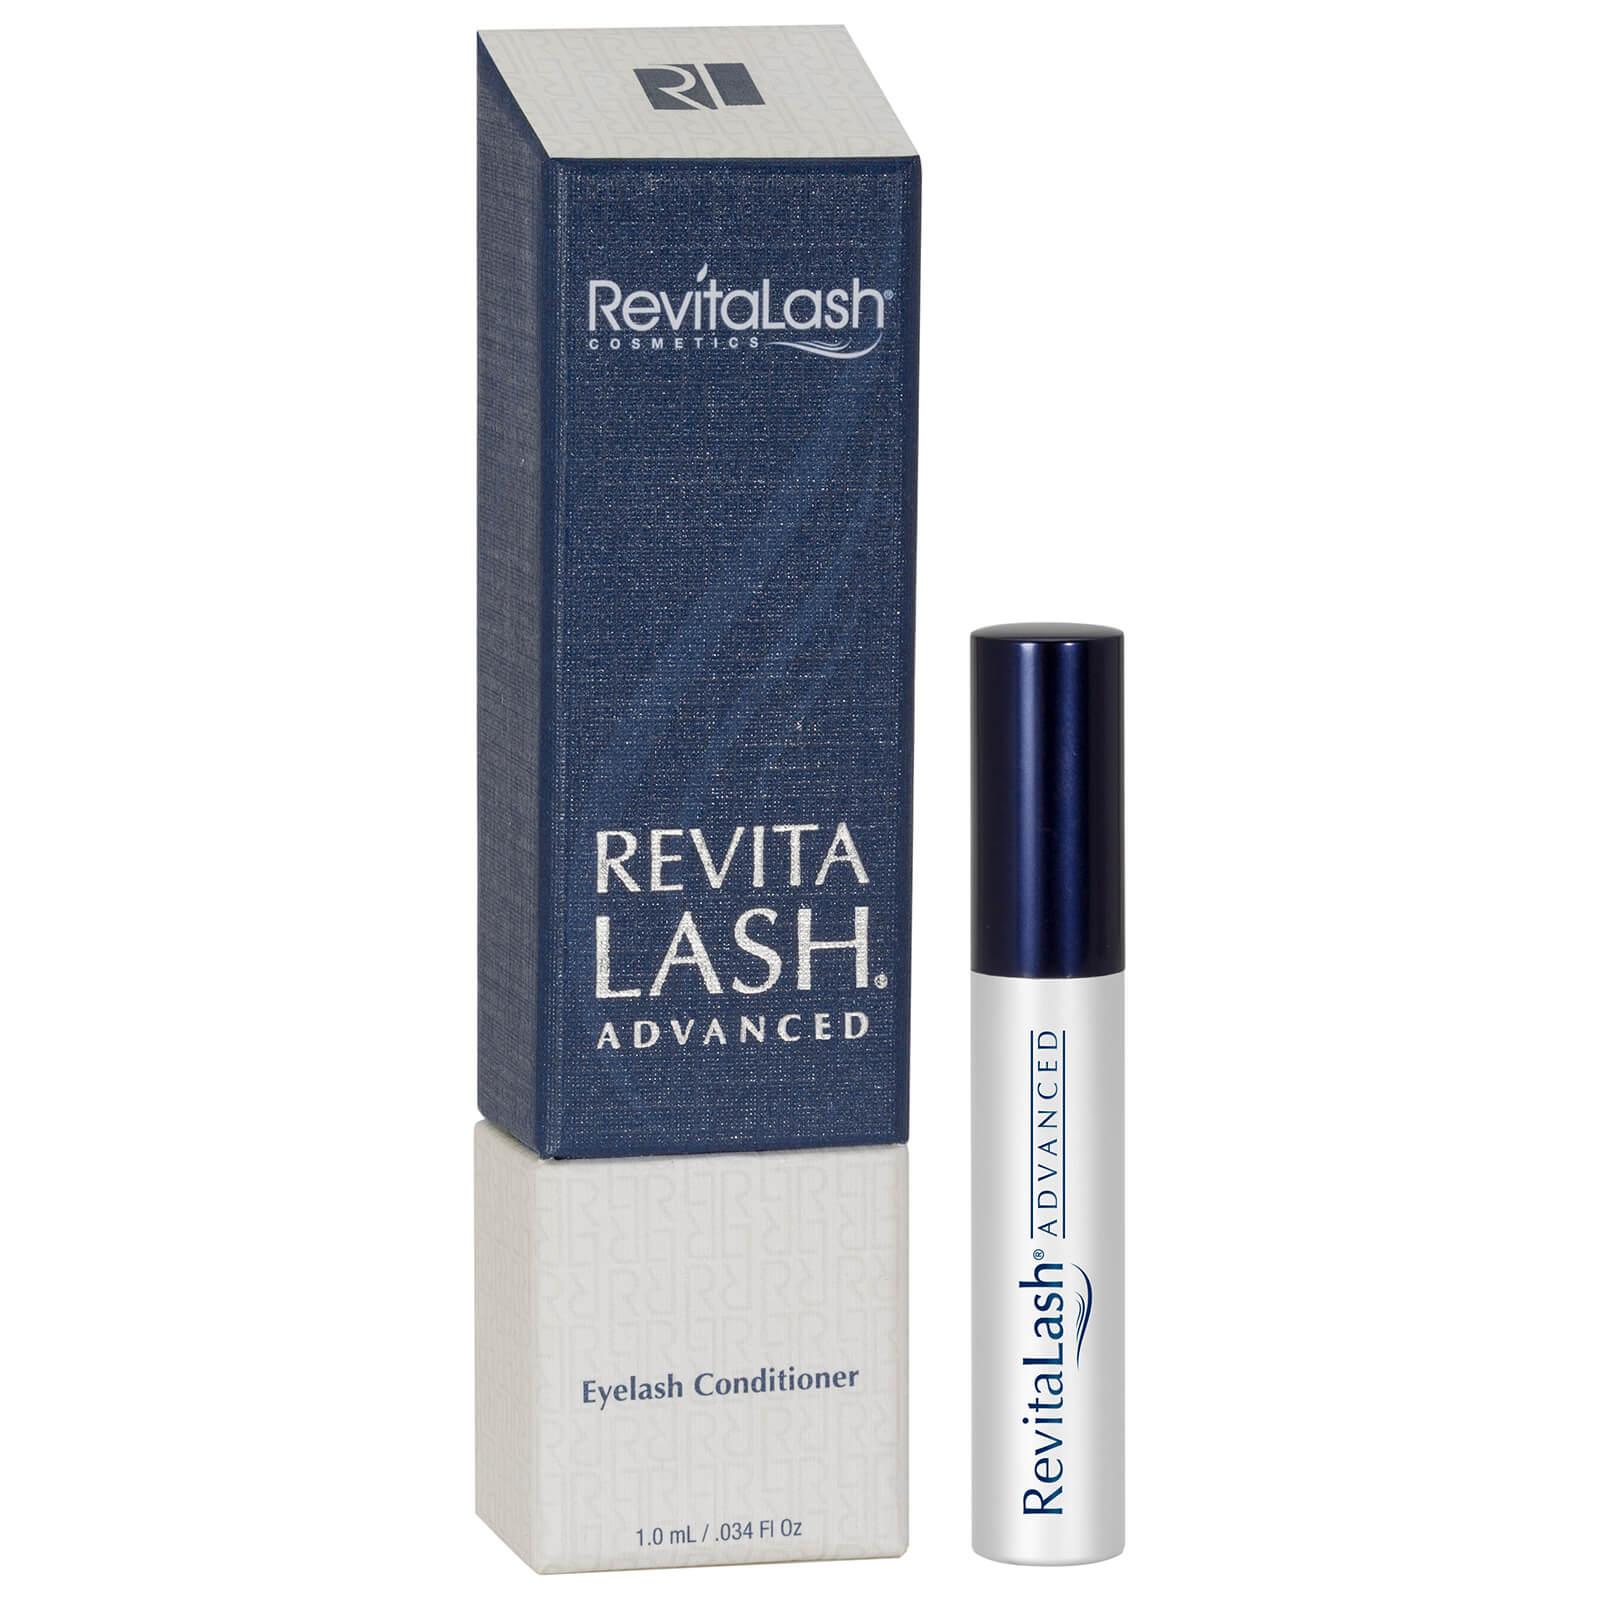 RevitaLash Advanced Eyelash Conditioner 1 0ml